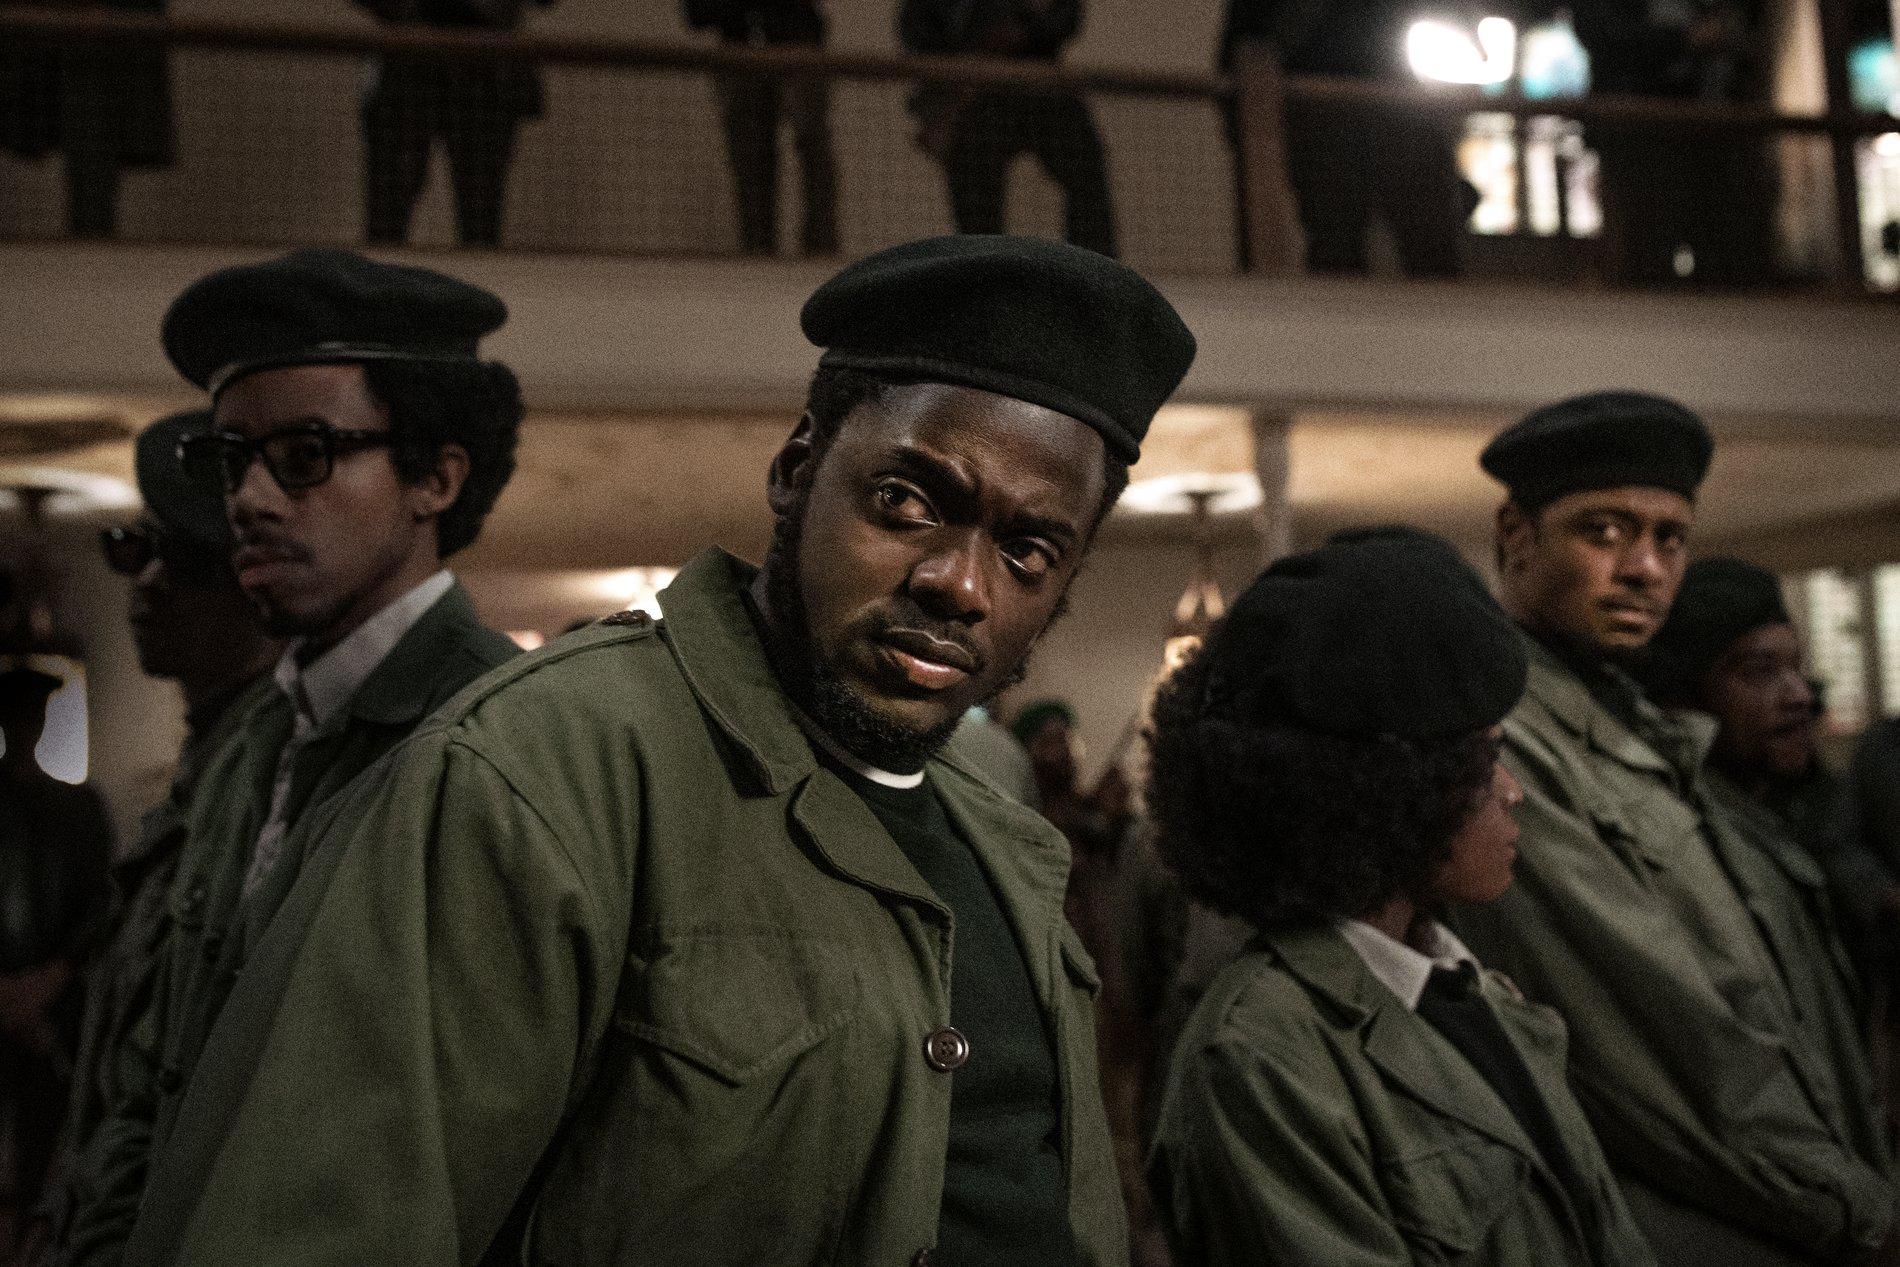 《猶大與黑色彌賽亞》真人真事啟發劃時代革命 讚頌美國黑豹黨光榮事蹟